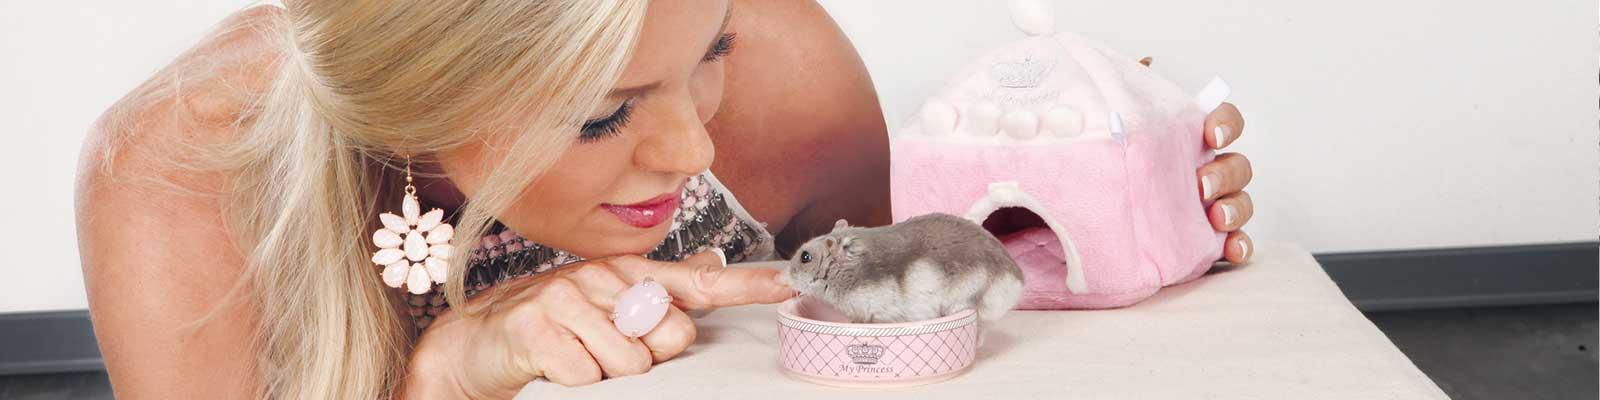 Maja Prinzessin von Hohenzollern Kollektion für Kleintiere und Nager, Bild 2